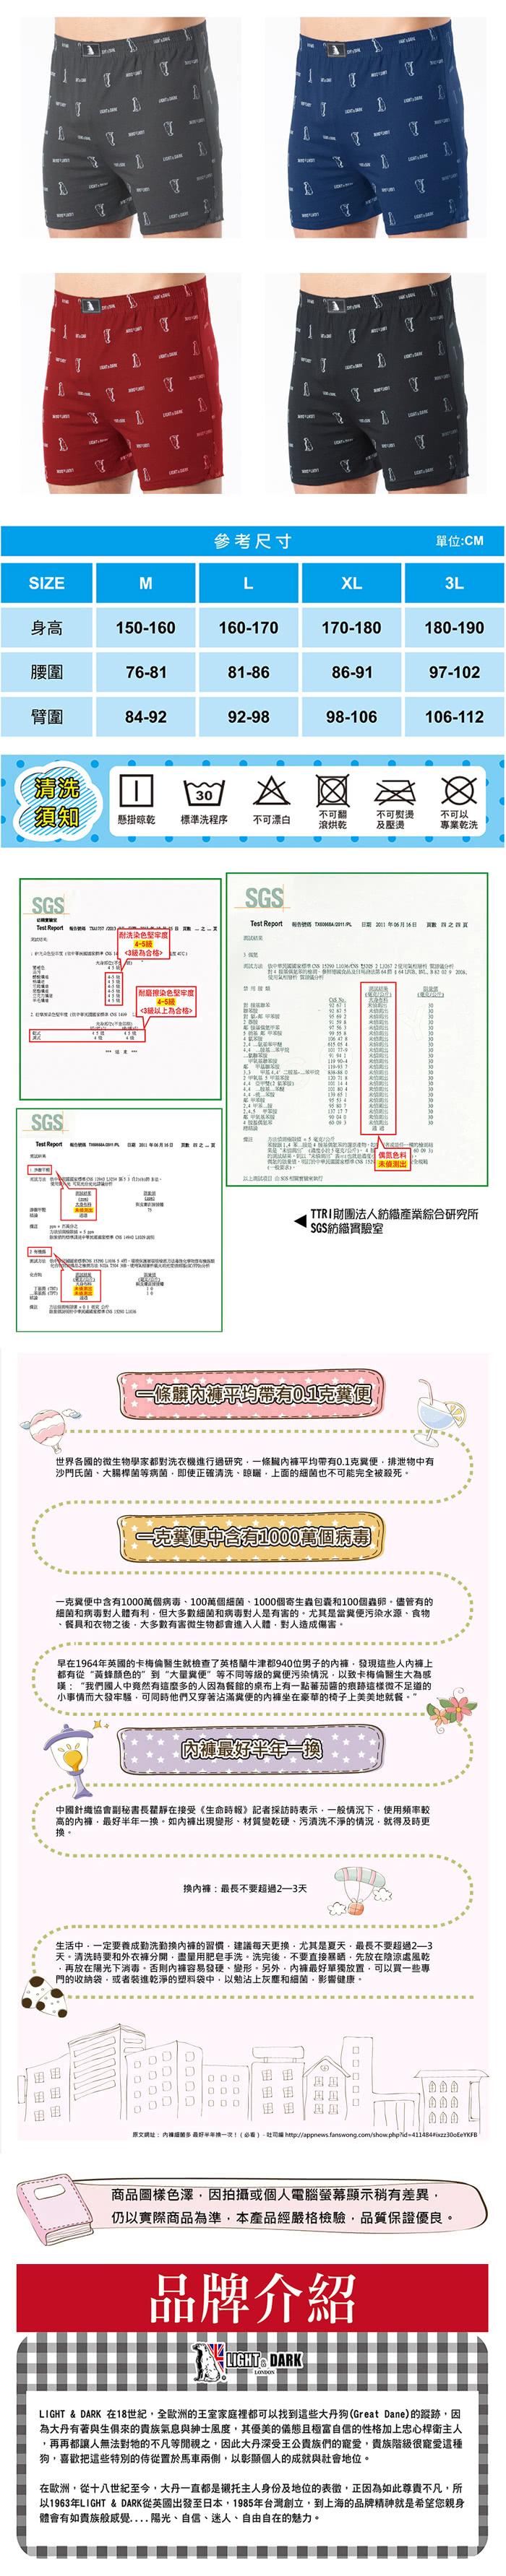 LD-4677-7.jpg?t=1477051116129